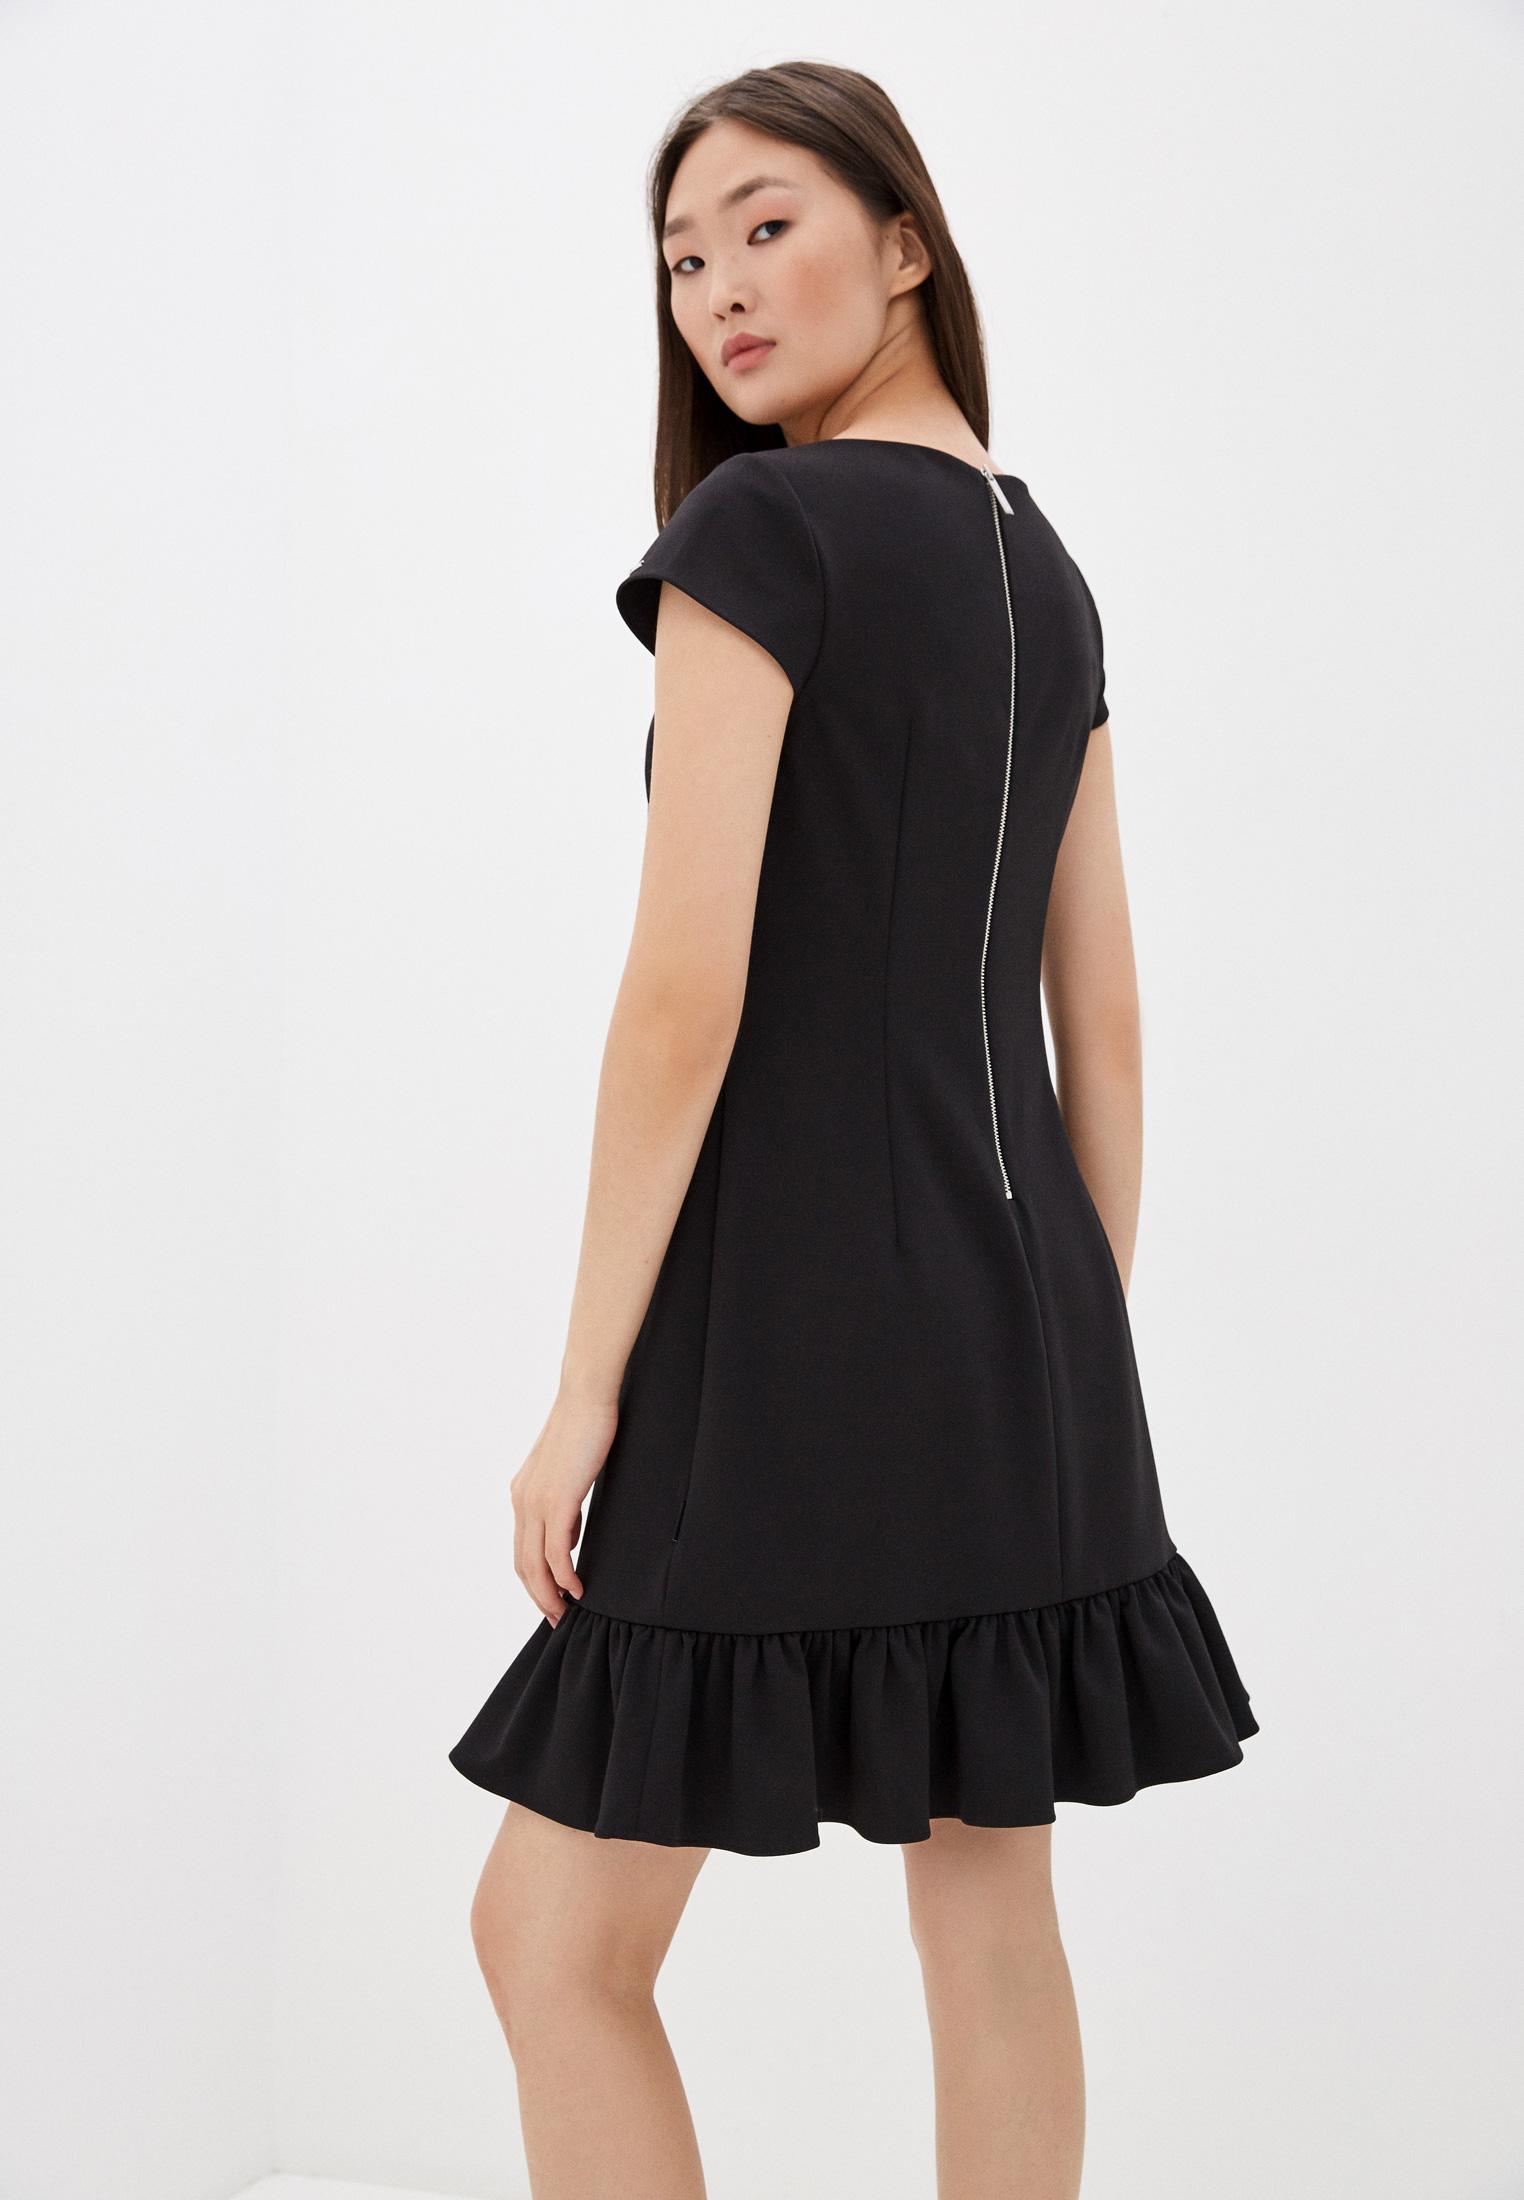 Повседневное платье Calvin Klein (Кельвин Кляйн) K20k201960: изображение 3